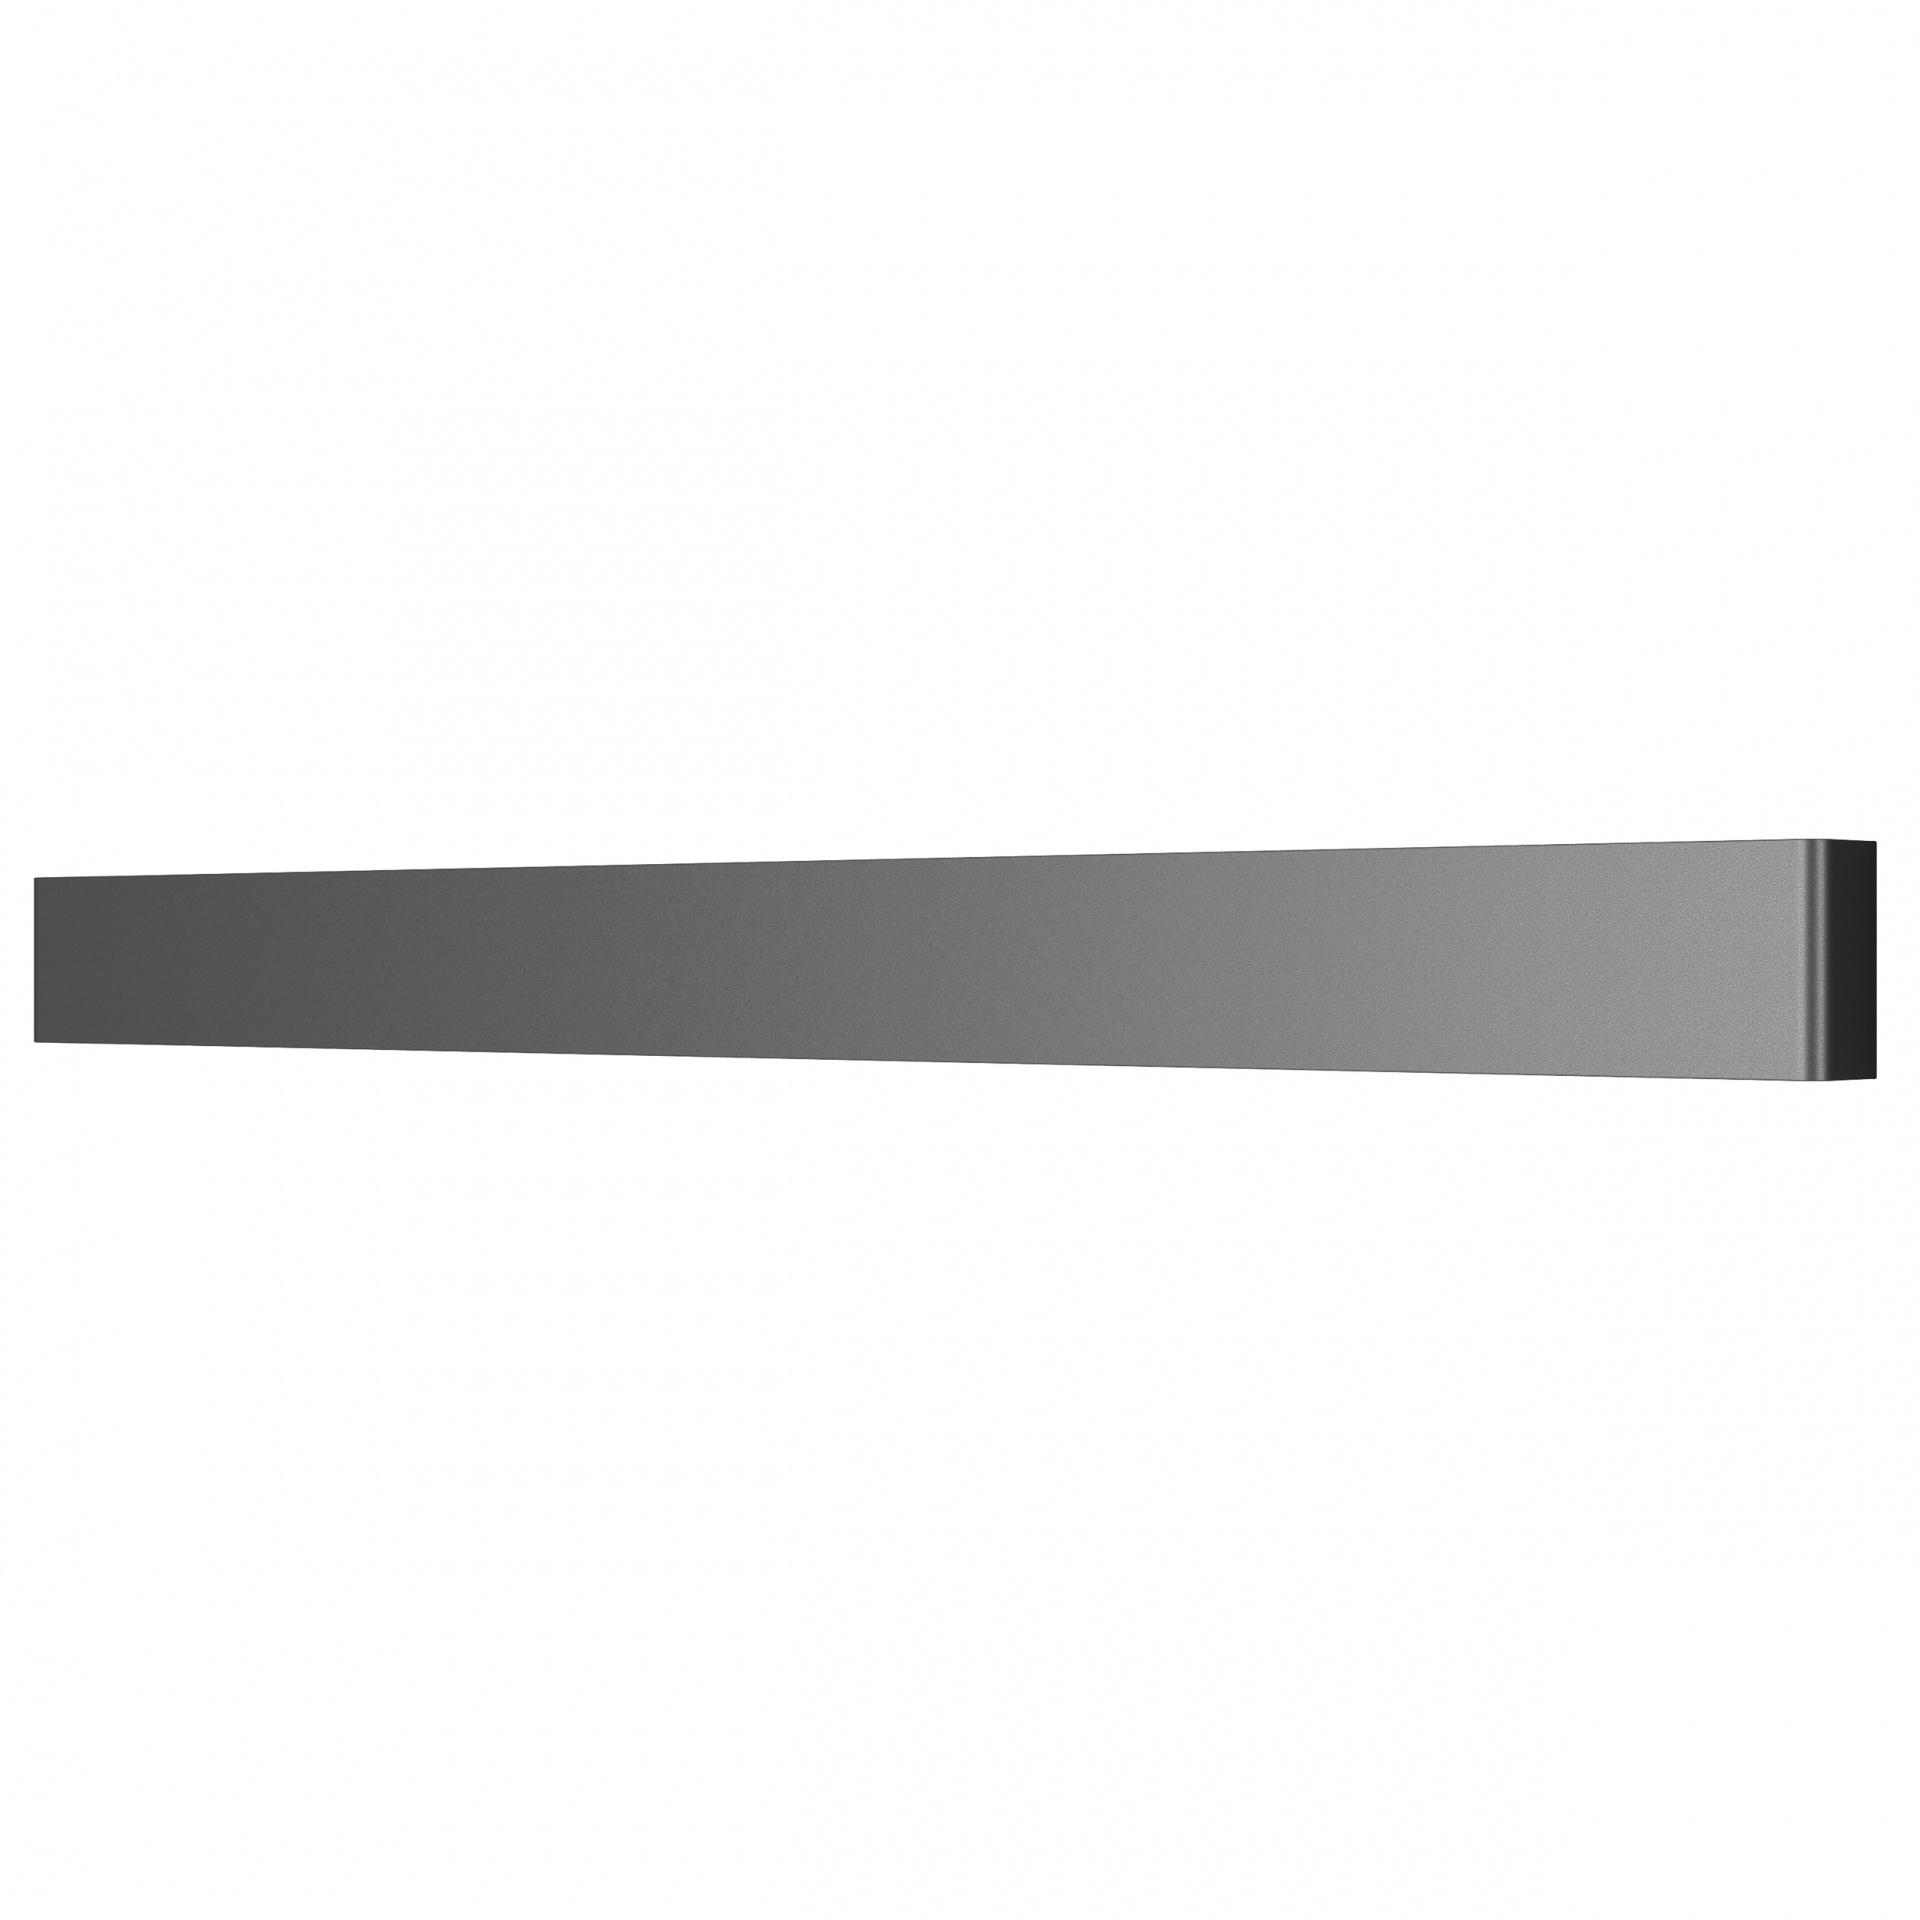 Бра Fiume 30W 2850LM матовый черный 3000K Lightstar 810537, купить в СПб, Москве, с доставкой, Санкт-Петербург, интернет-магазин люстр и светильников Starlight, фото в жизни